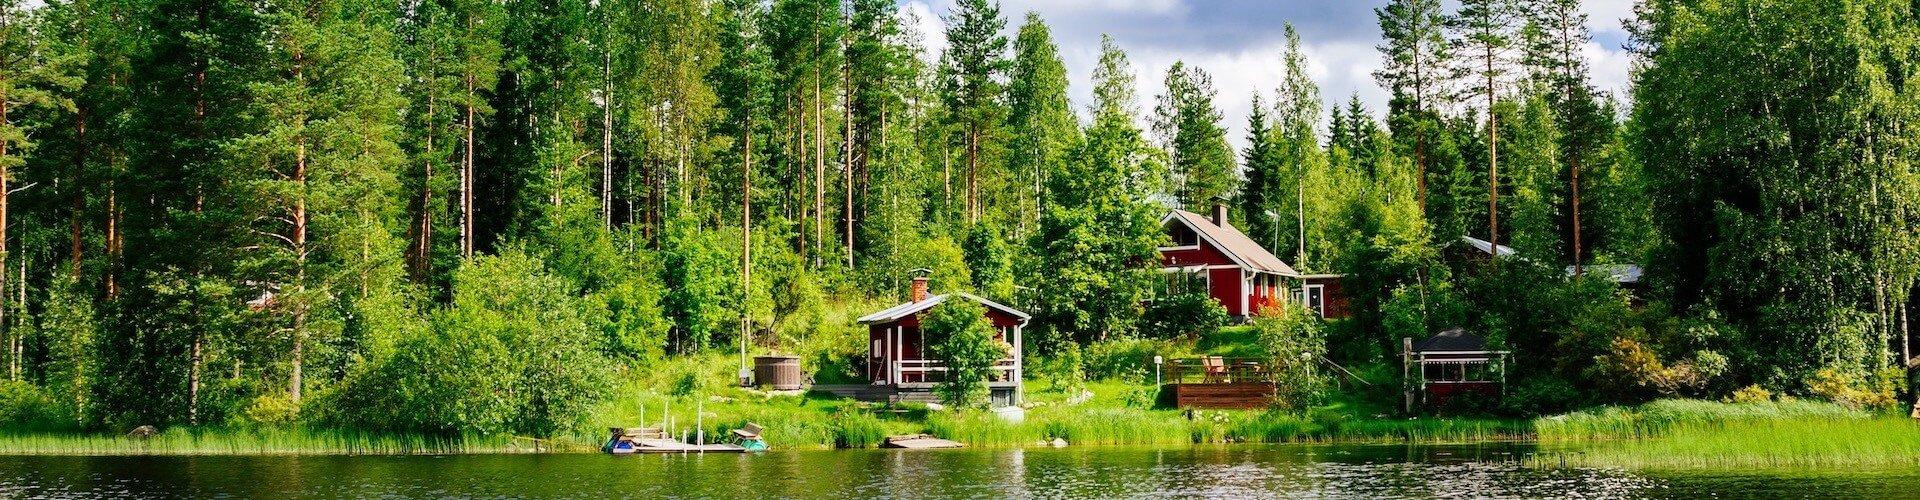 Familienurlaub in Finnland